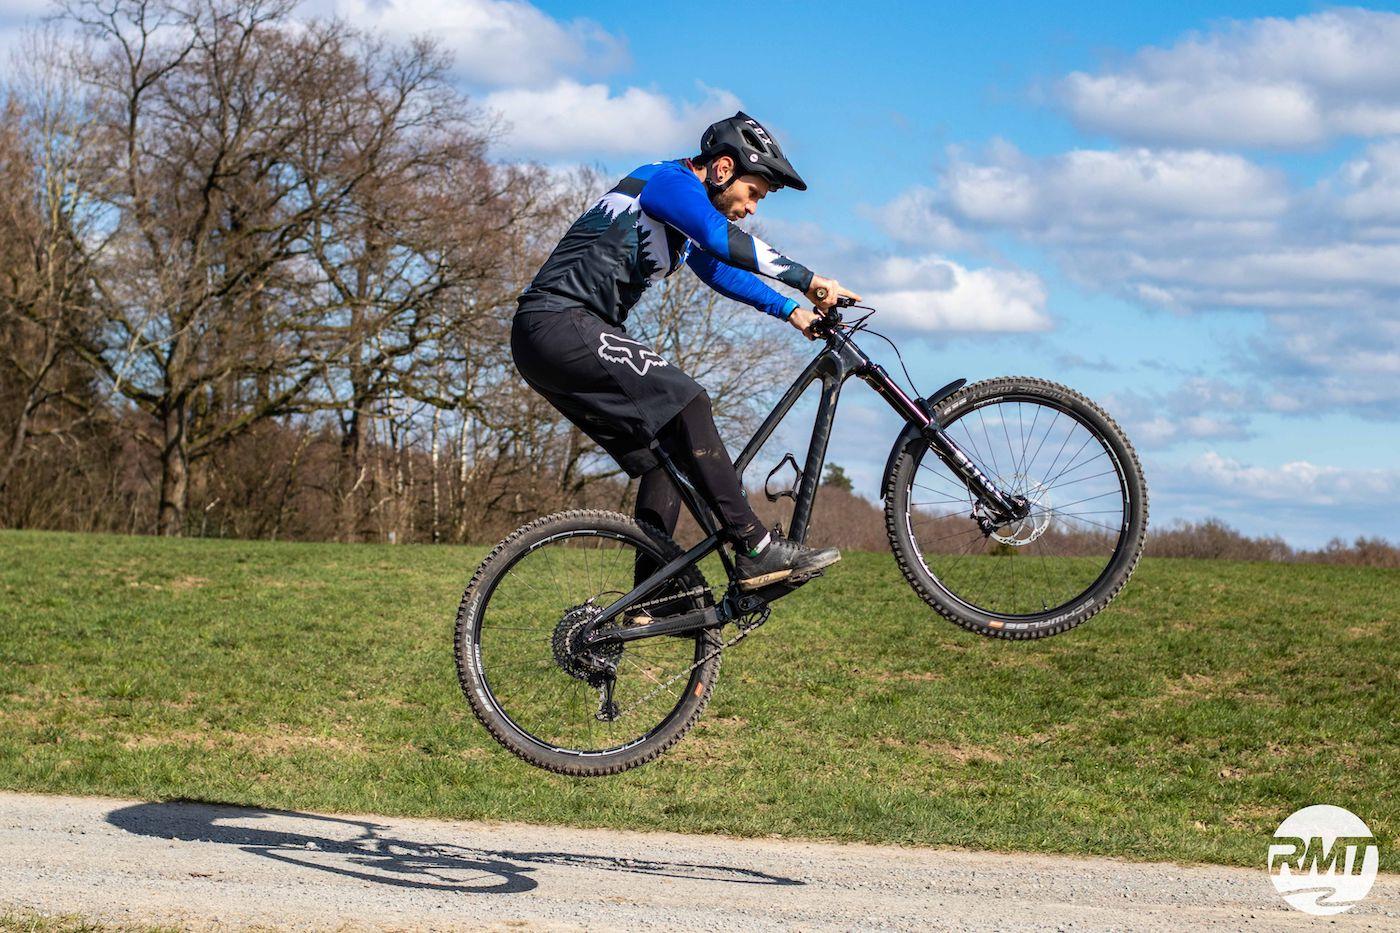 MTB Fahrtechnik Kurs Fortgeschrittene in Berlin - Hauptstadt - Mountainbike Fortgeschritten - Rock my Trail Bikeschule GmbH - 9